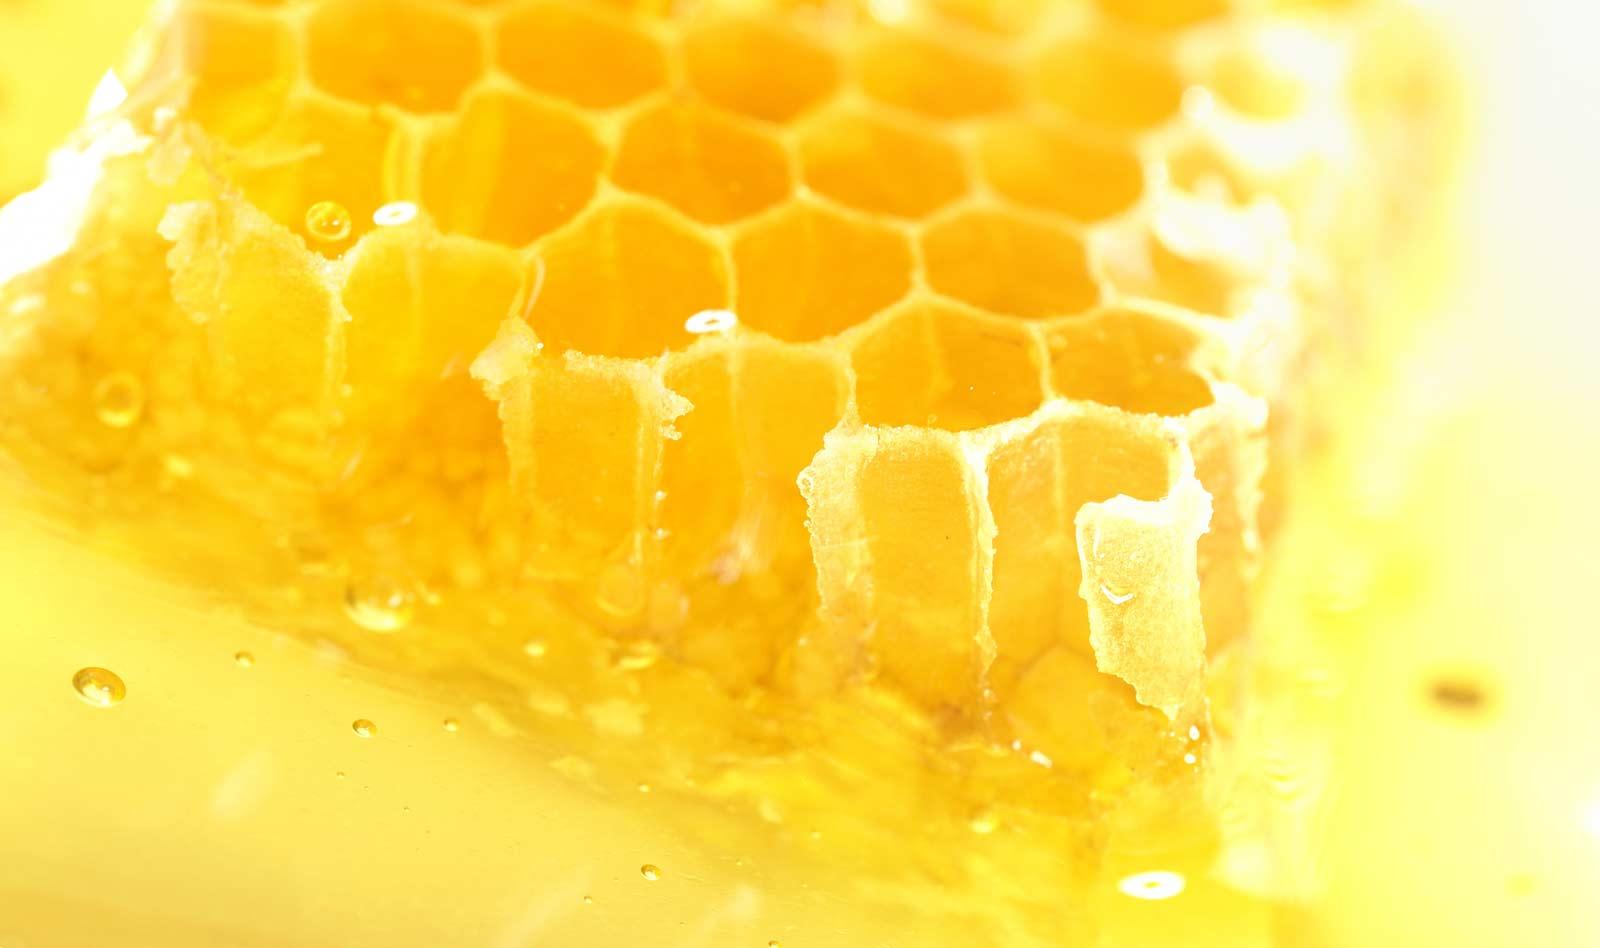 ¿Cómo sustituir el azúcar por miel?